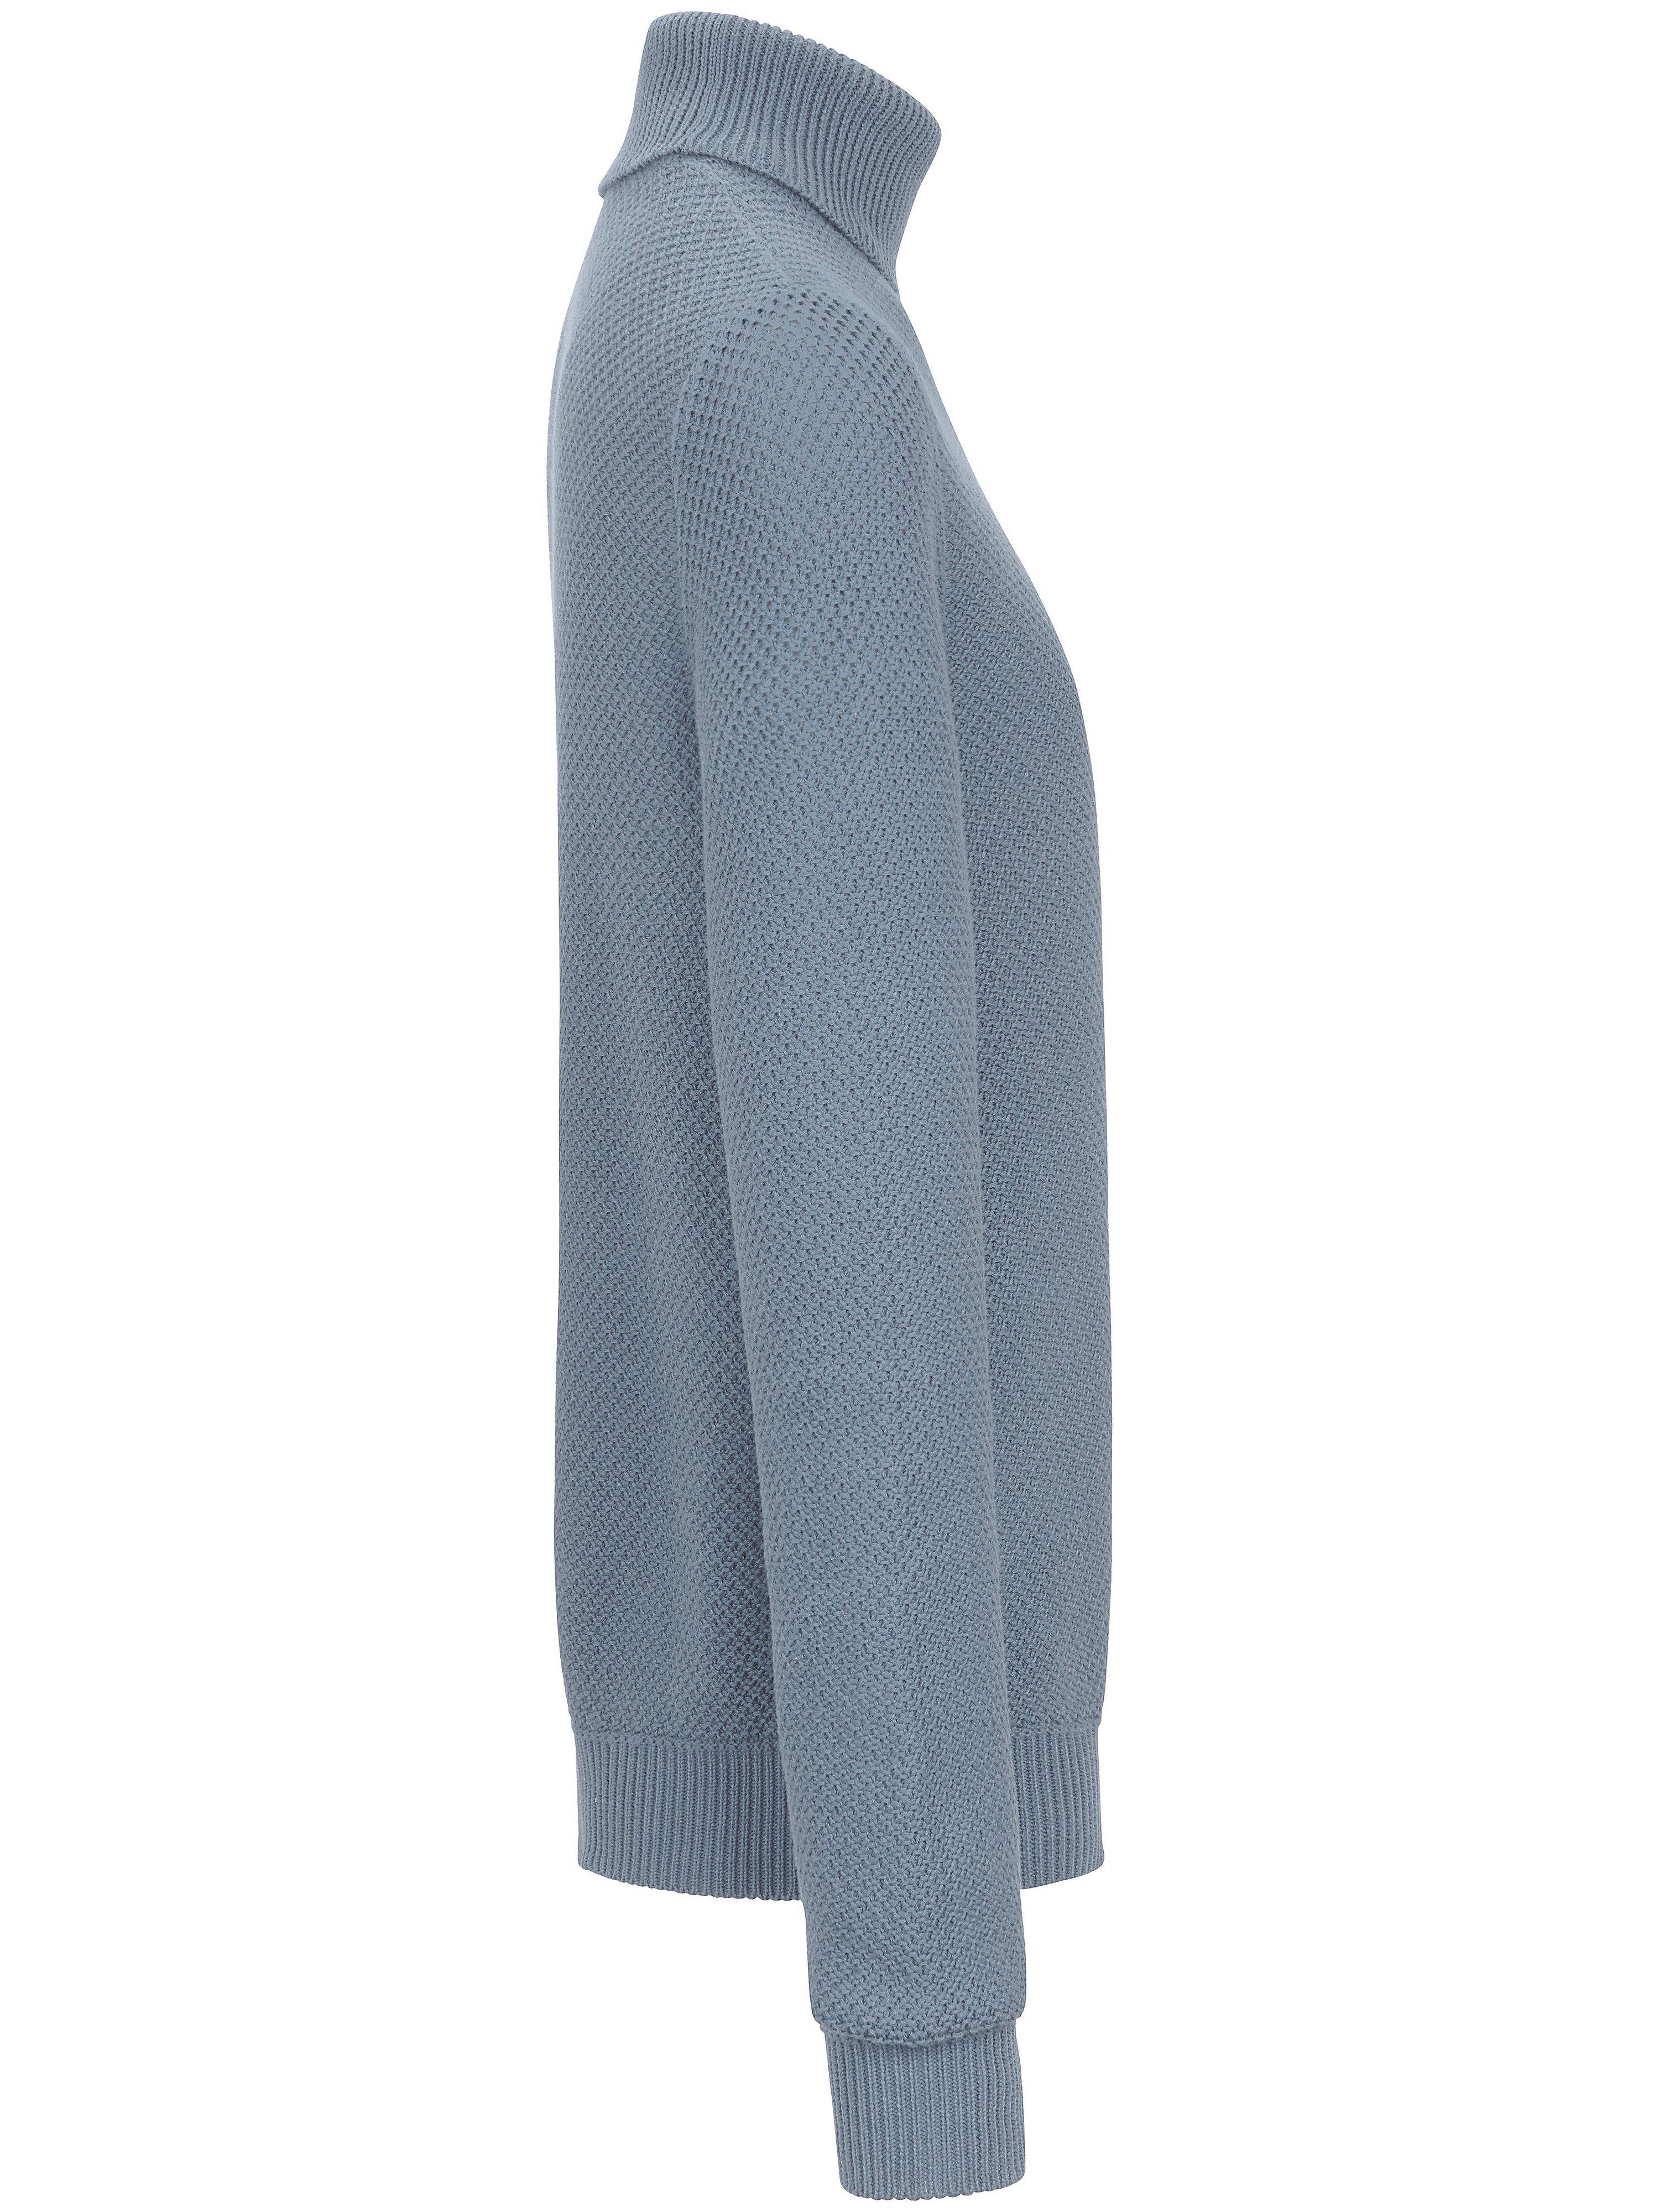 Strikbluse rullekrave Fra Peter Hahn blå